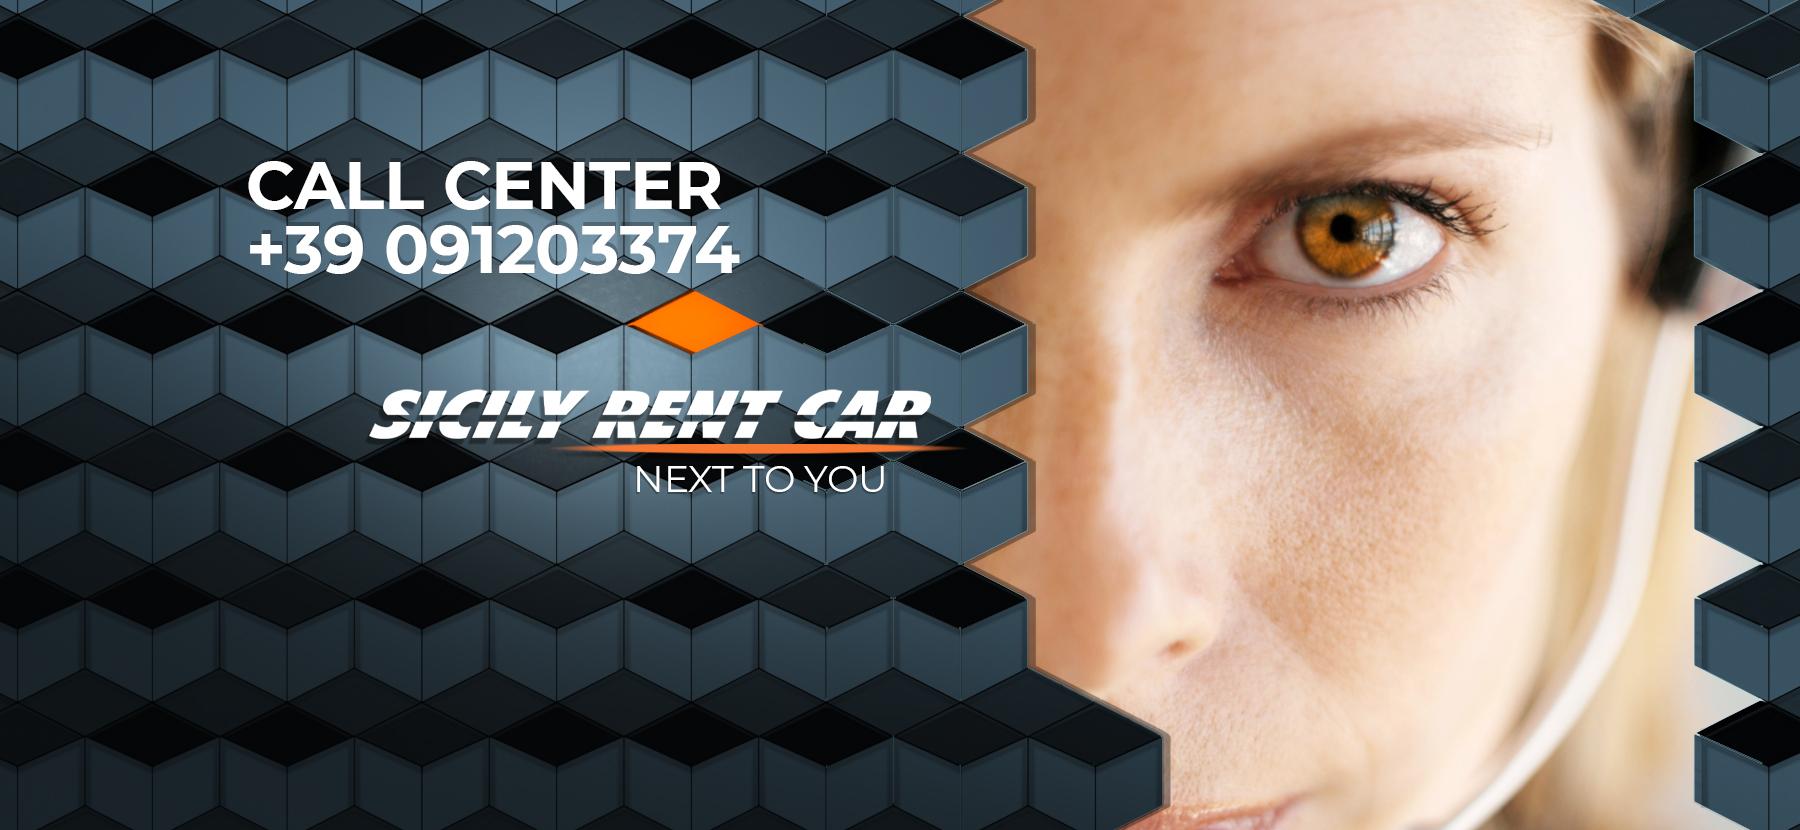 Call Center Sicily Rent Car